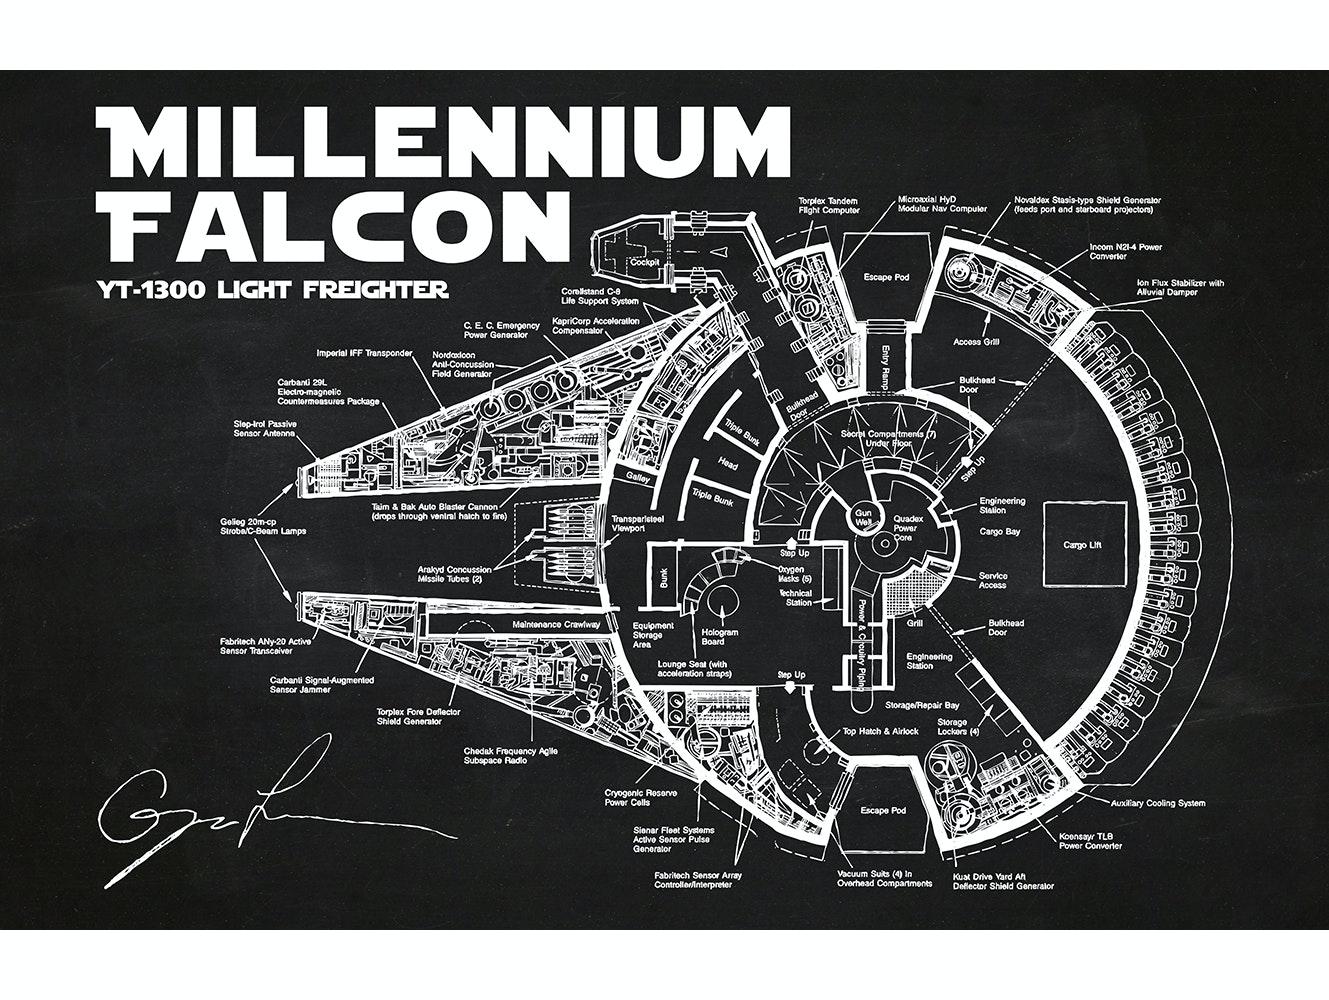 Star Wars - Millennium Falcon Floorplan